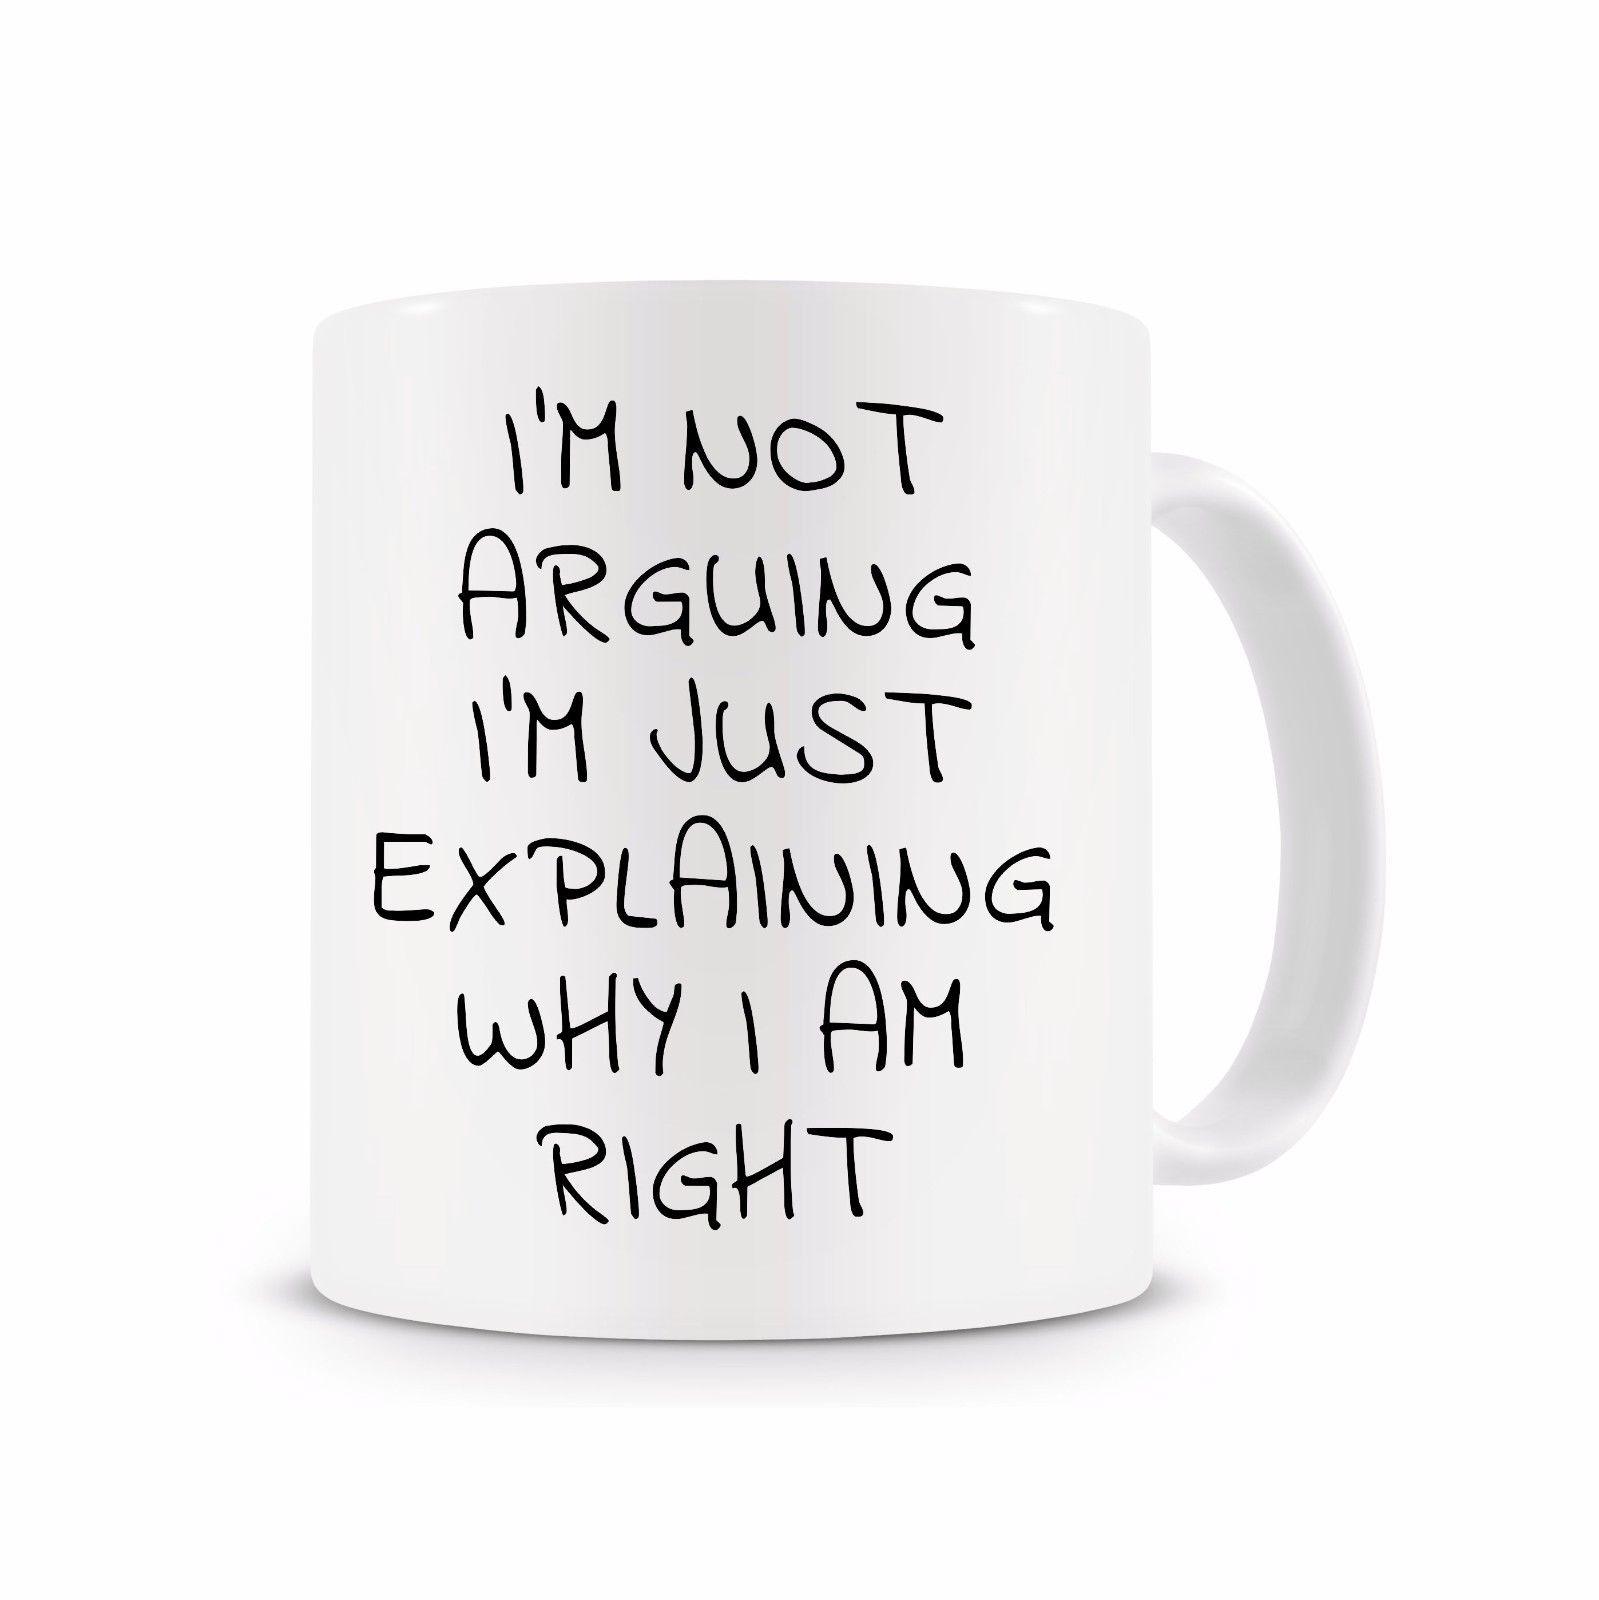 Tasse à café humoristique de bureau   Tasse de travail, avec cuillère à remuer, pour le travail ou pour le bureau